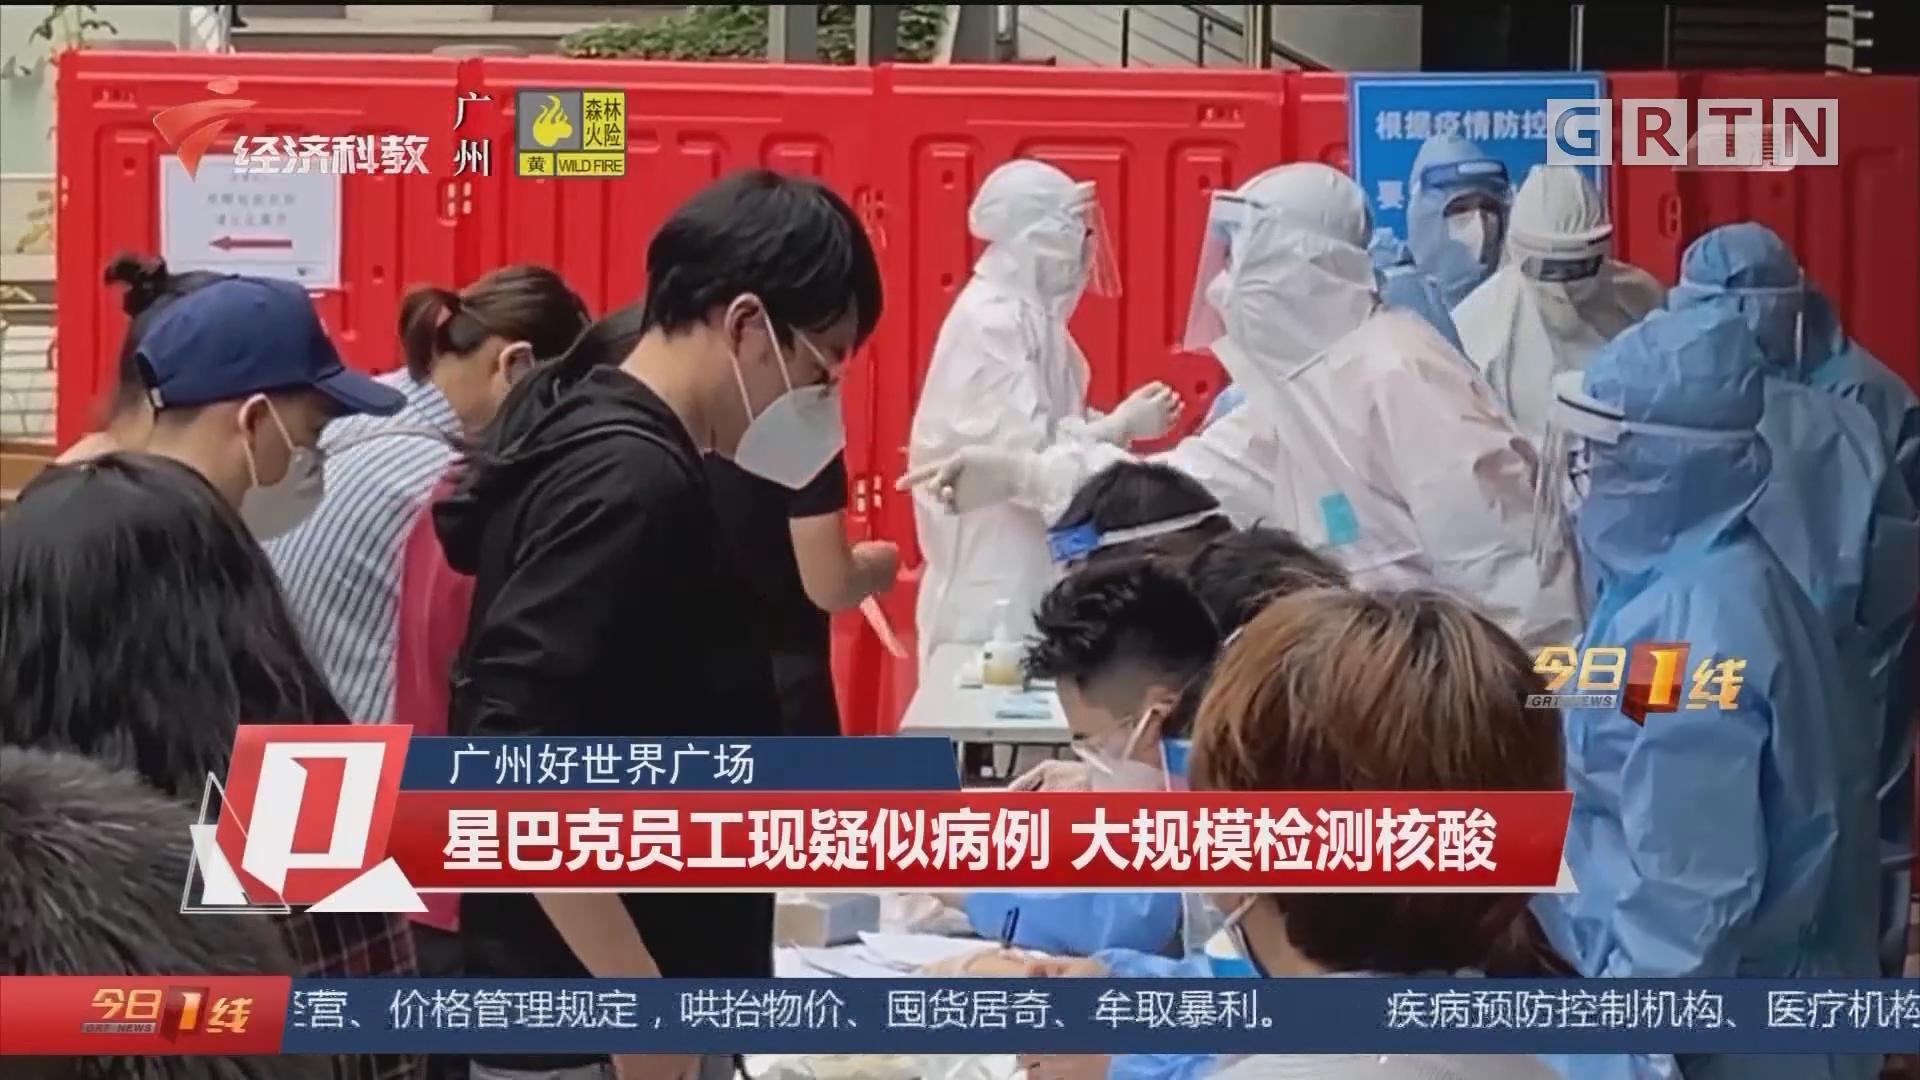 广州好世界广场 星巴克员工现疑似病例 大规模检测核酸